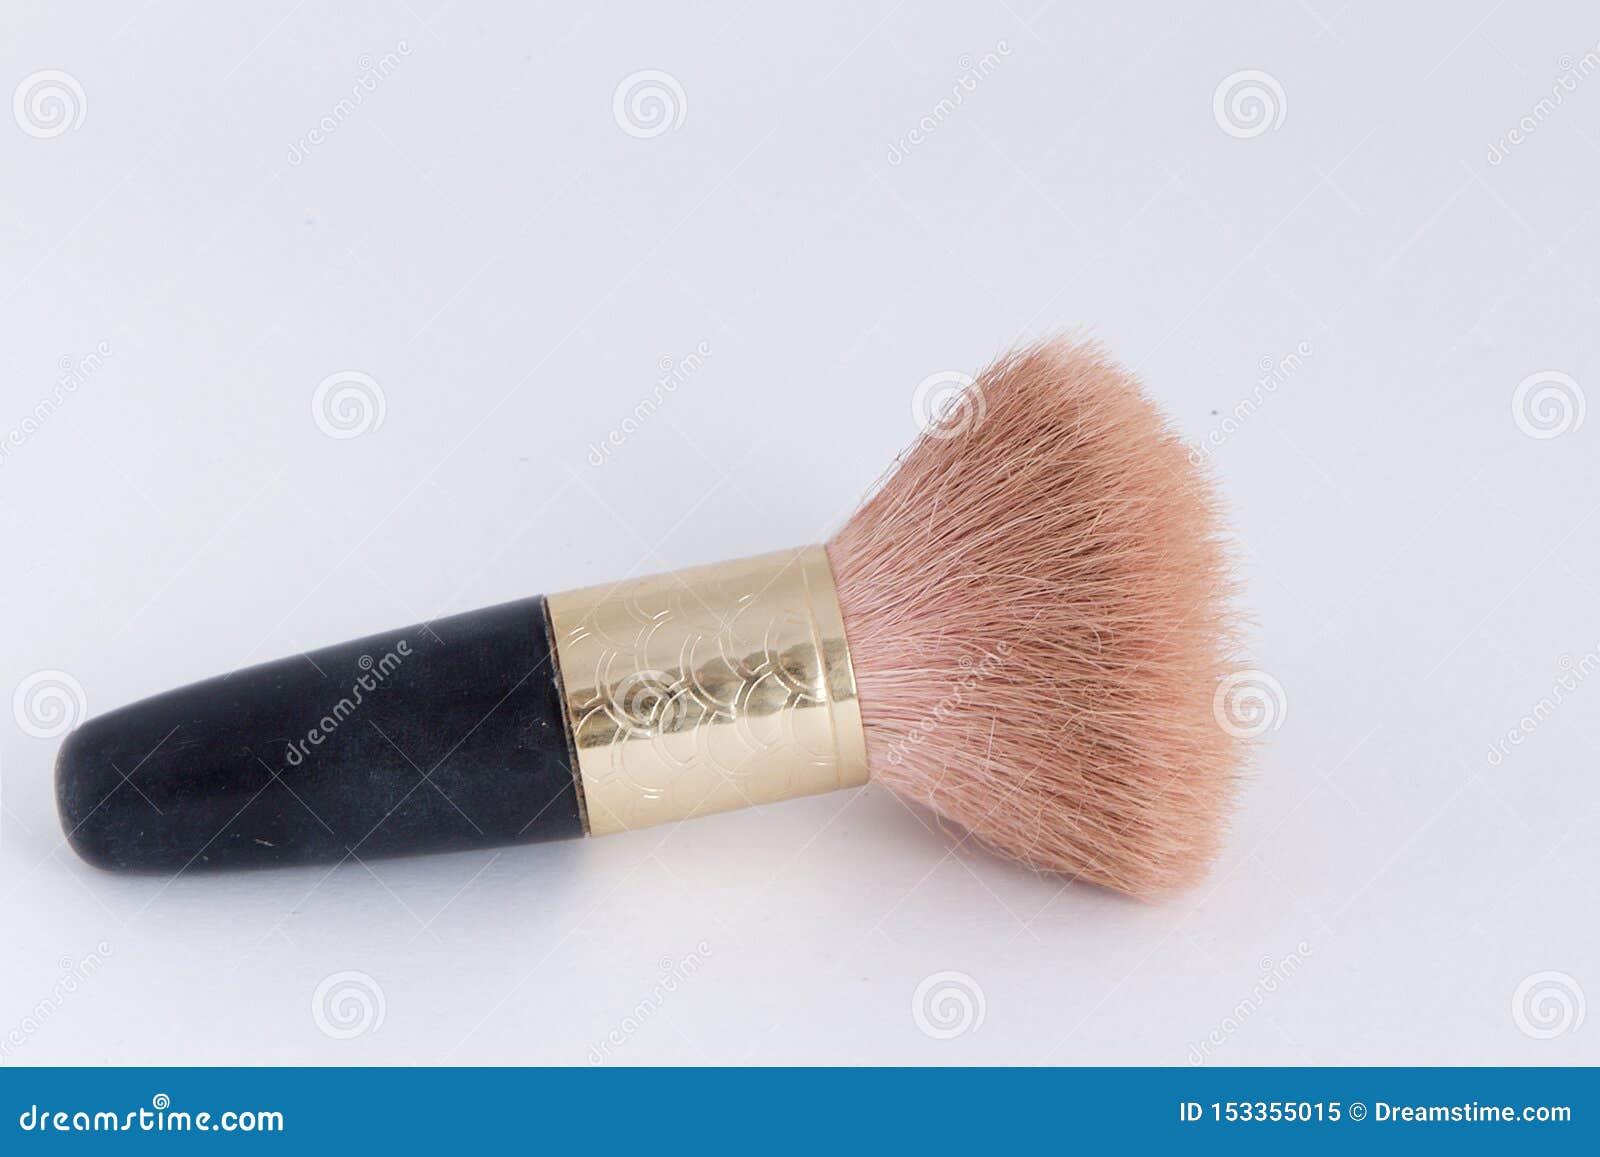 Petite brosse de maquillage - la poignée est noire avec de l or